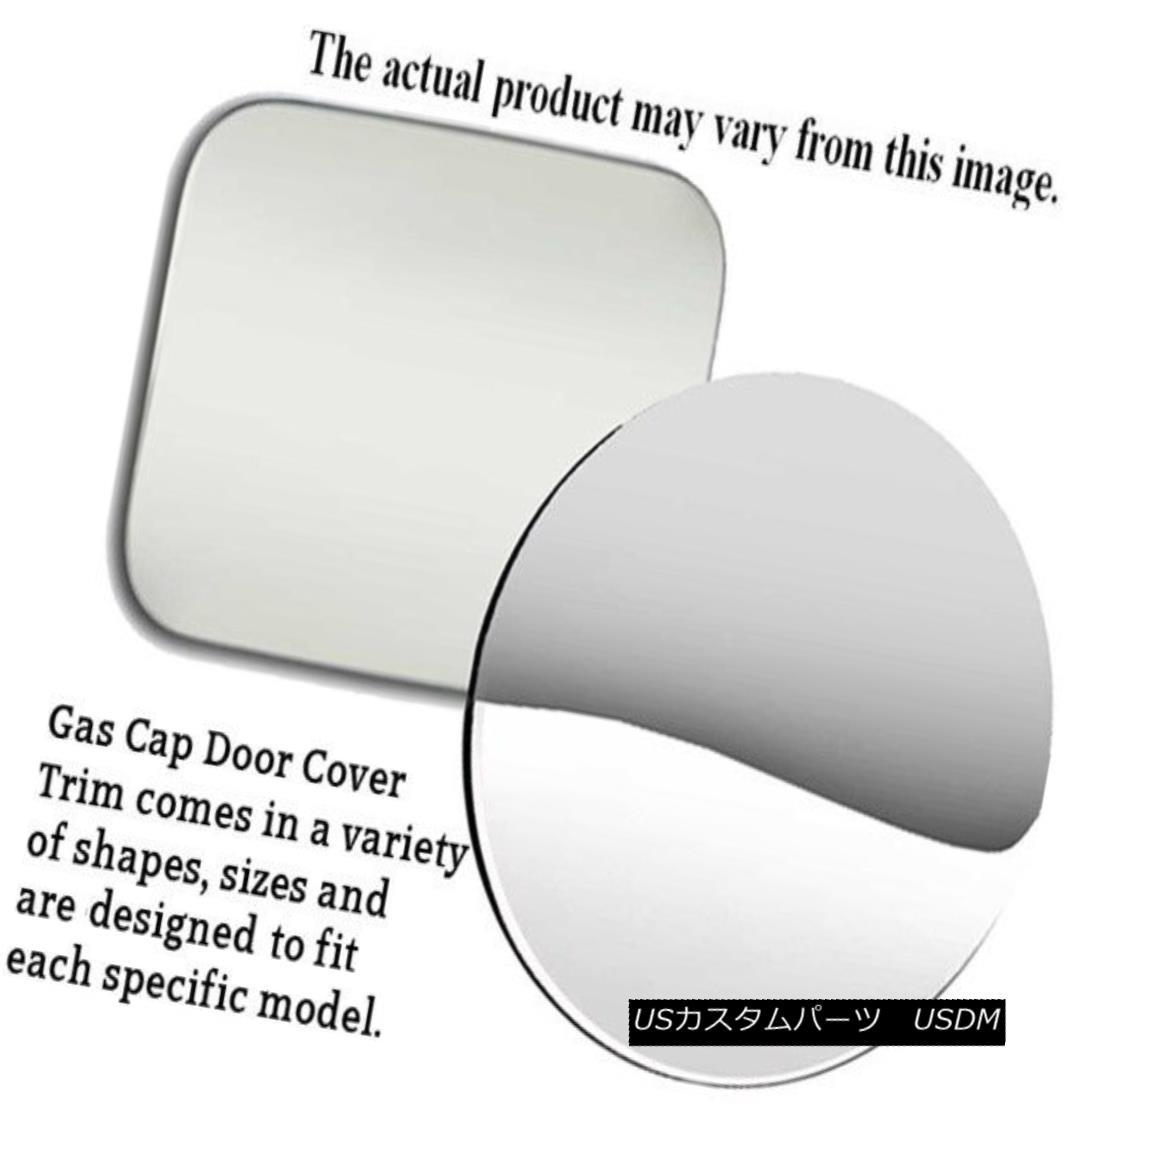 グリル Fits 2011-2014 HYUNDAI SONATA 4-door -Stainless Steel GAS CAP DOOR HYUNDAI SONATA 4ドア - ステンレススチールガスパイプドア